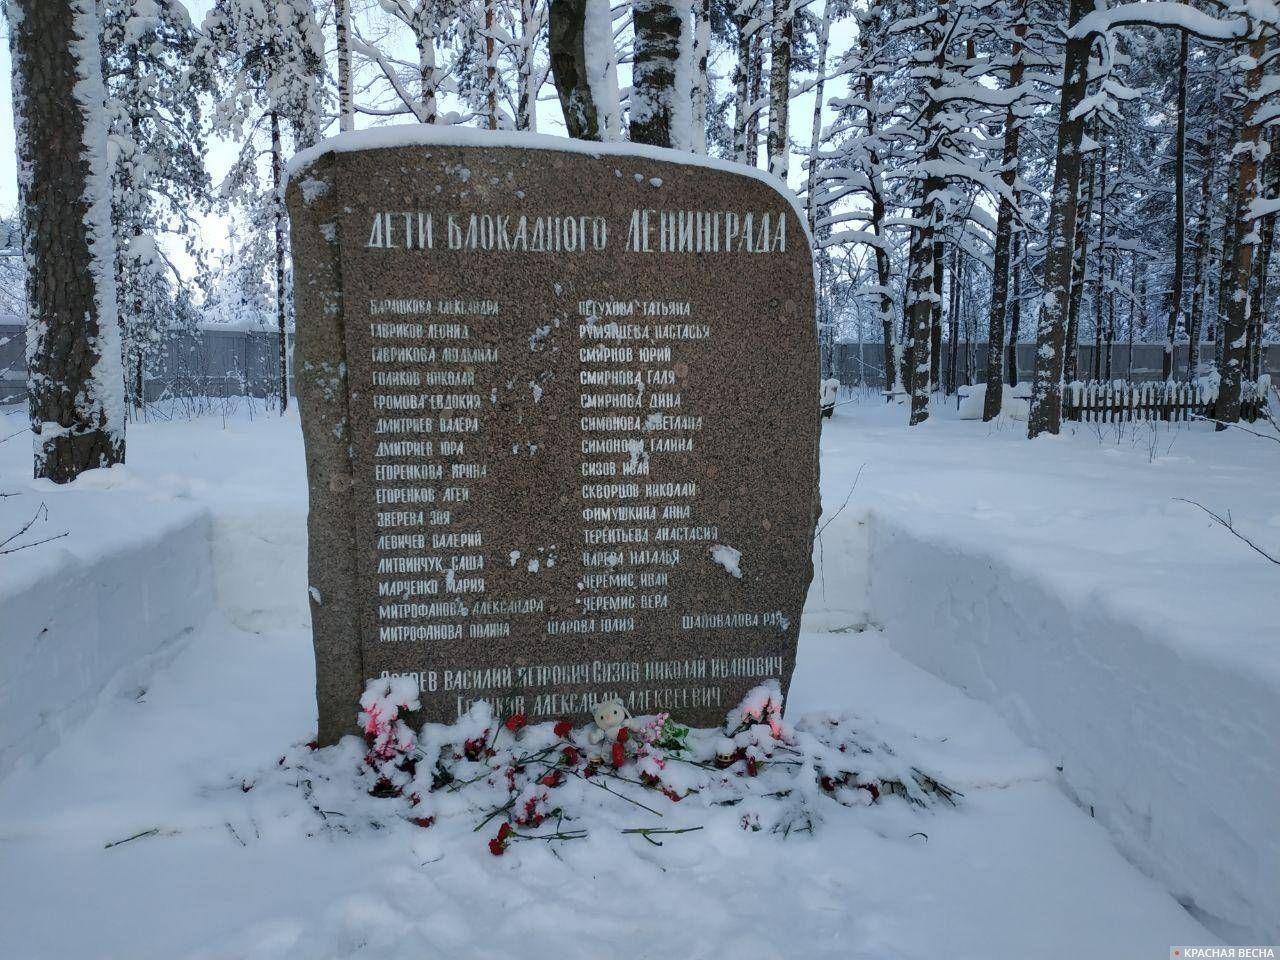 Цветы у памятника «Дети блокадного Ленинграда» на братских могилах в городе Сертолово.